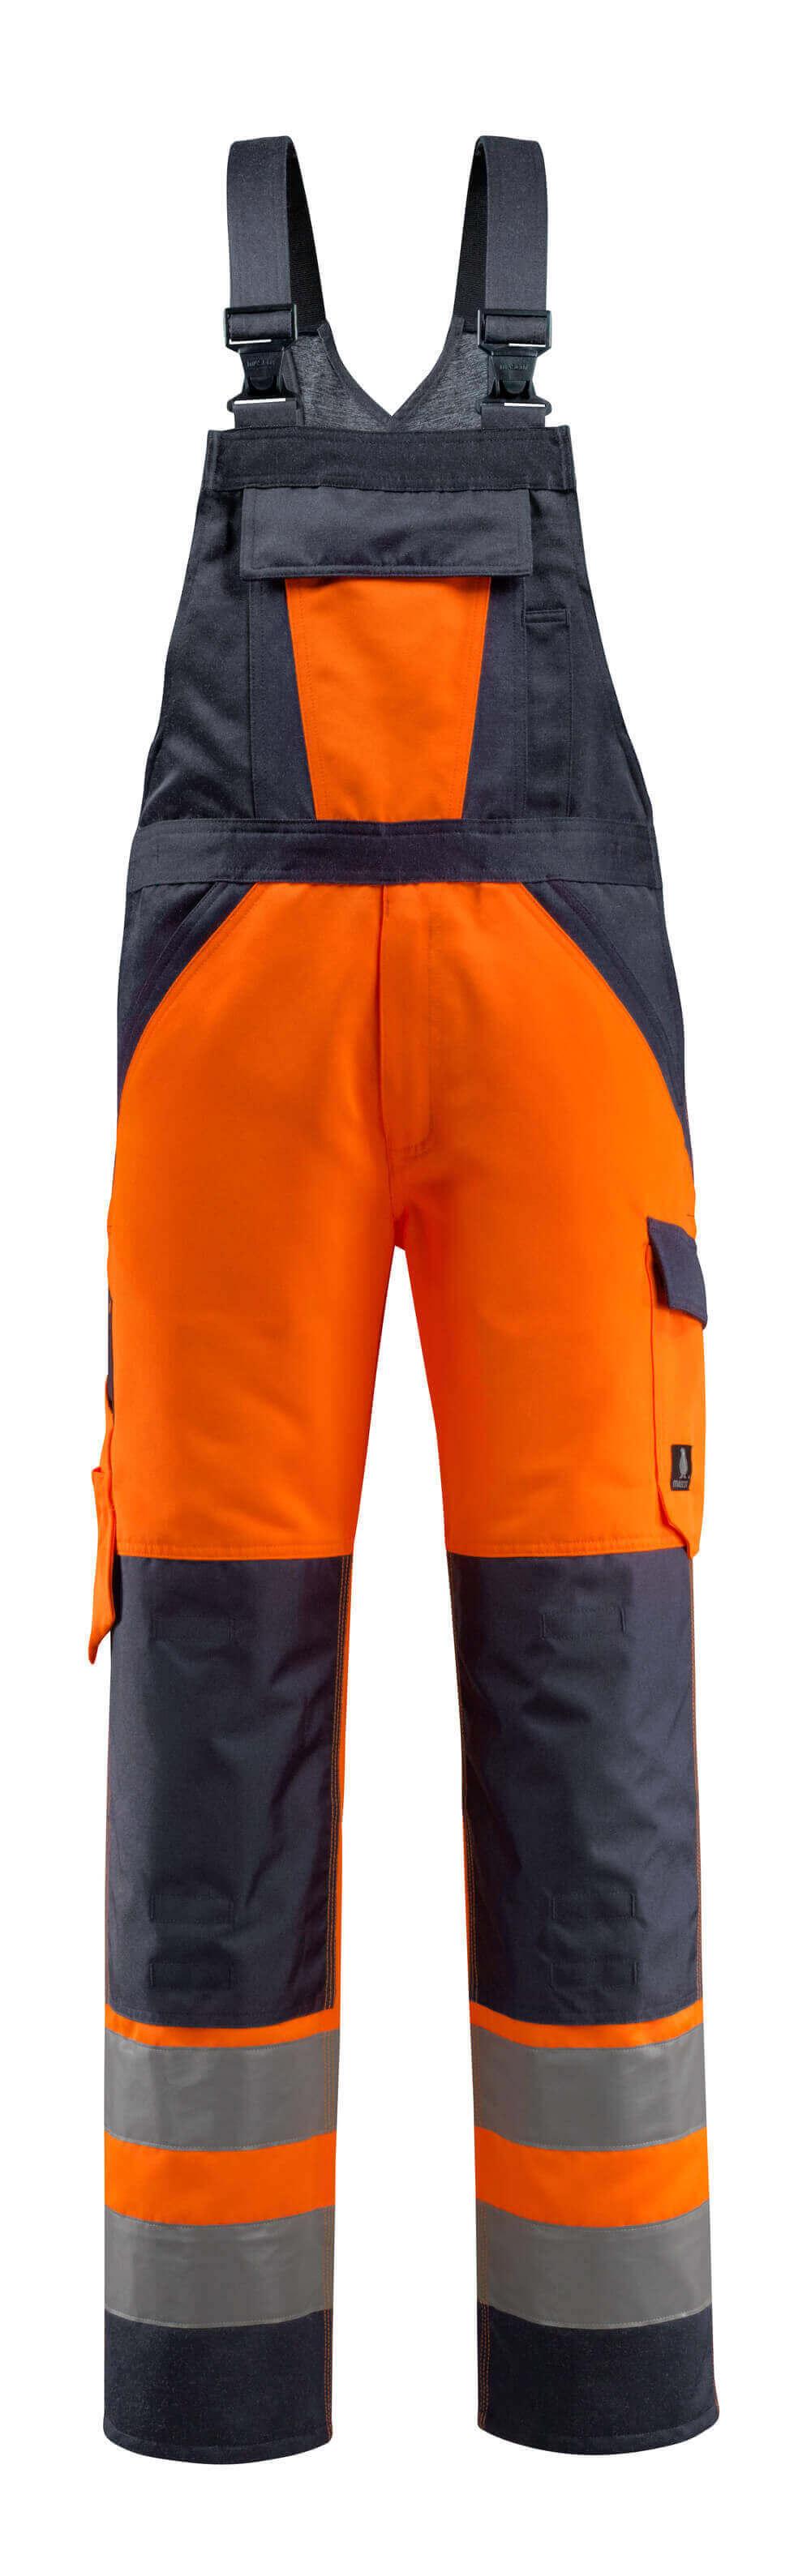 15969-948-14010 Overall med knælommer - hi-vis orange/mørk marine